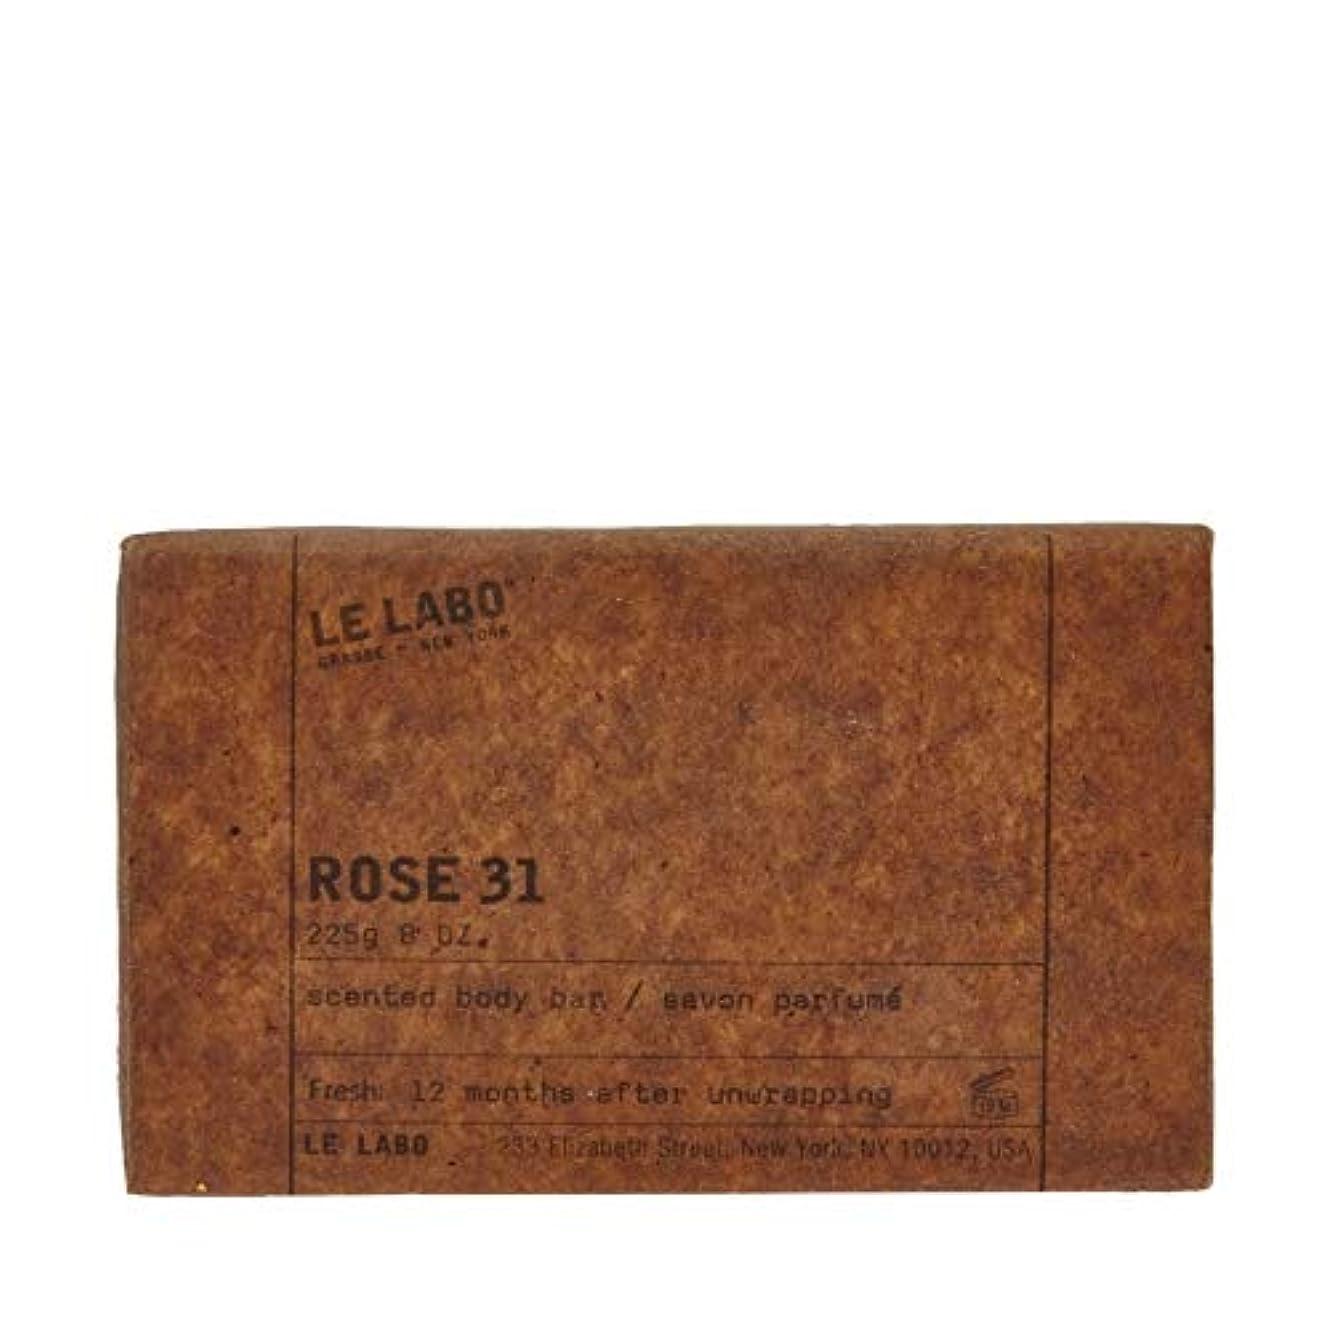 代わりのロック西部[Le Labo ] ル?ラボルラボ31石鹸の225グラムをバラ - Le Labo Le Labo Rose 31 Soap 225g [並行輸入品]